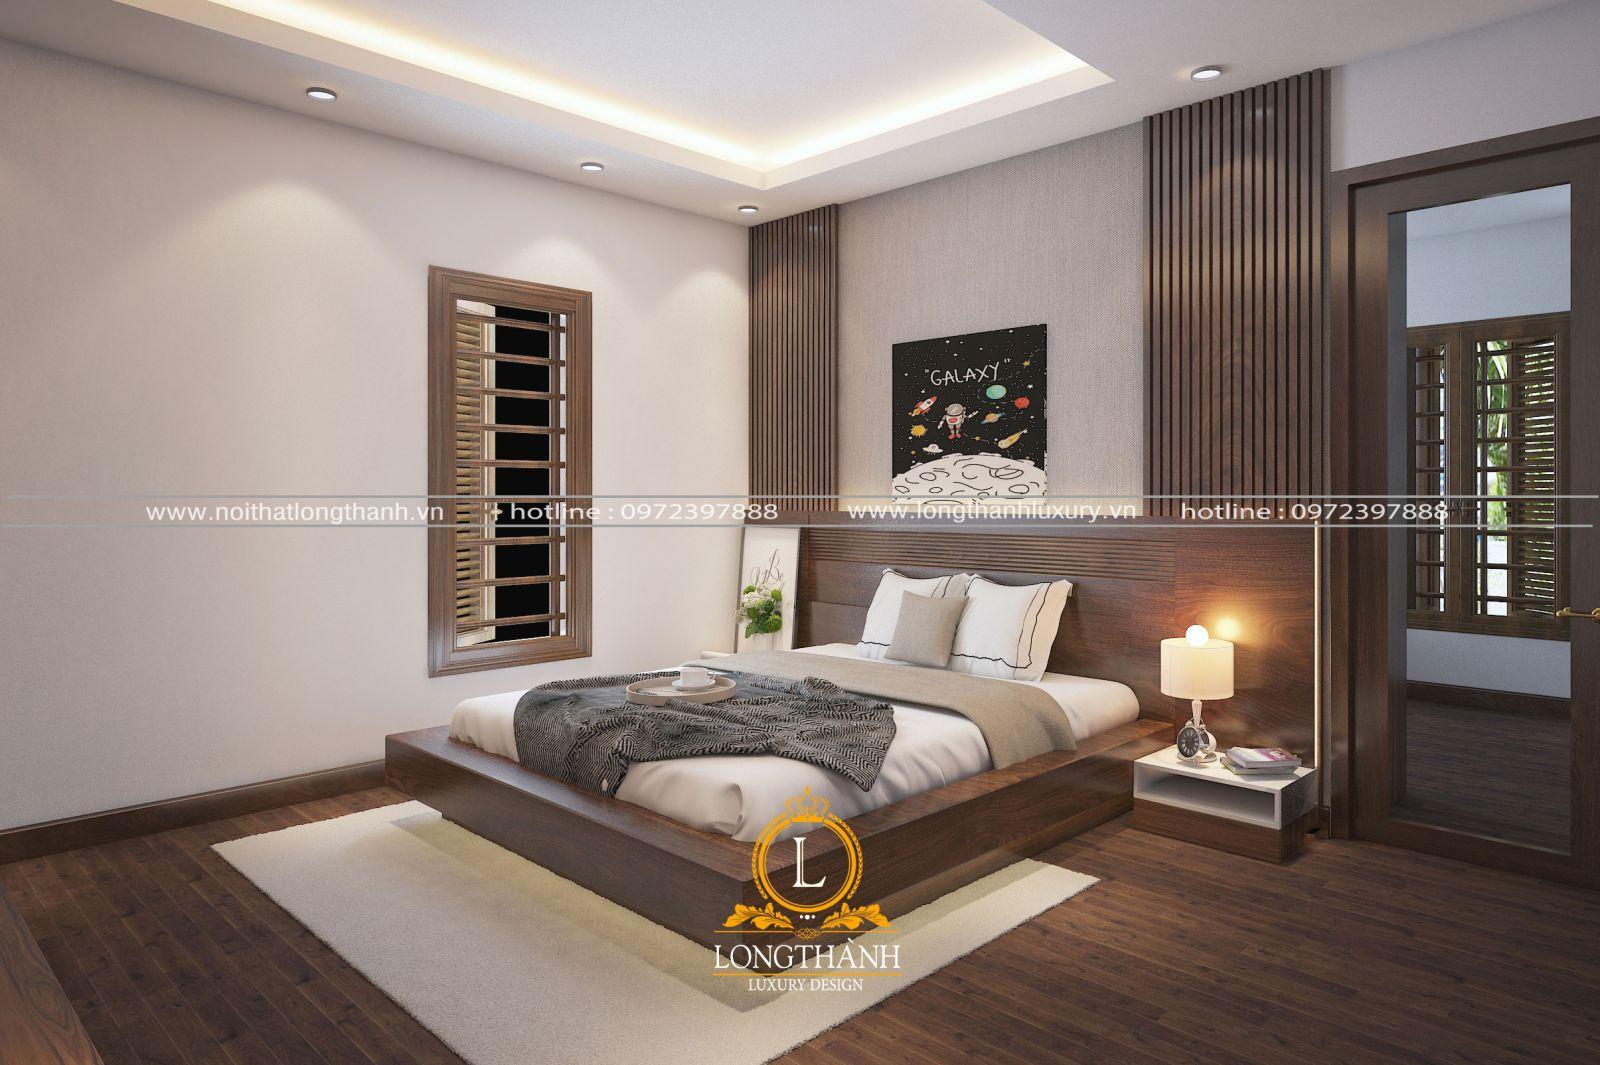 Thiết kế nội thất phòng ngủ hiện đại gỗ tự nhiên cho biệt thự liền kề